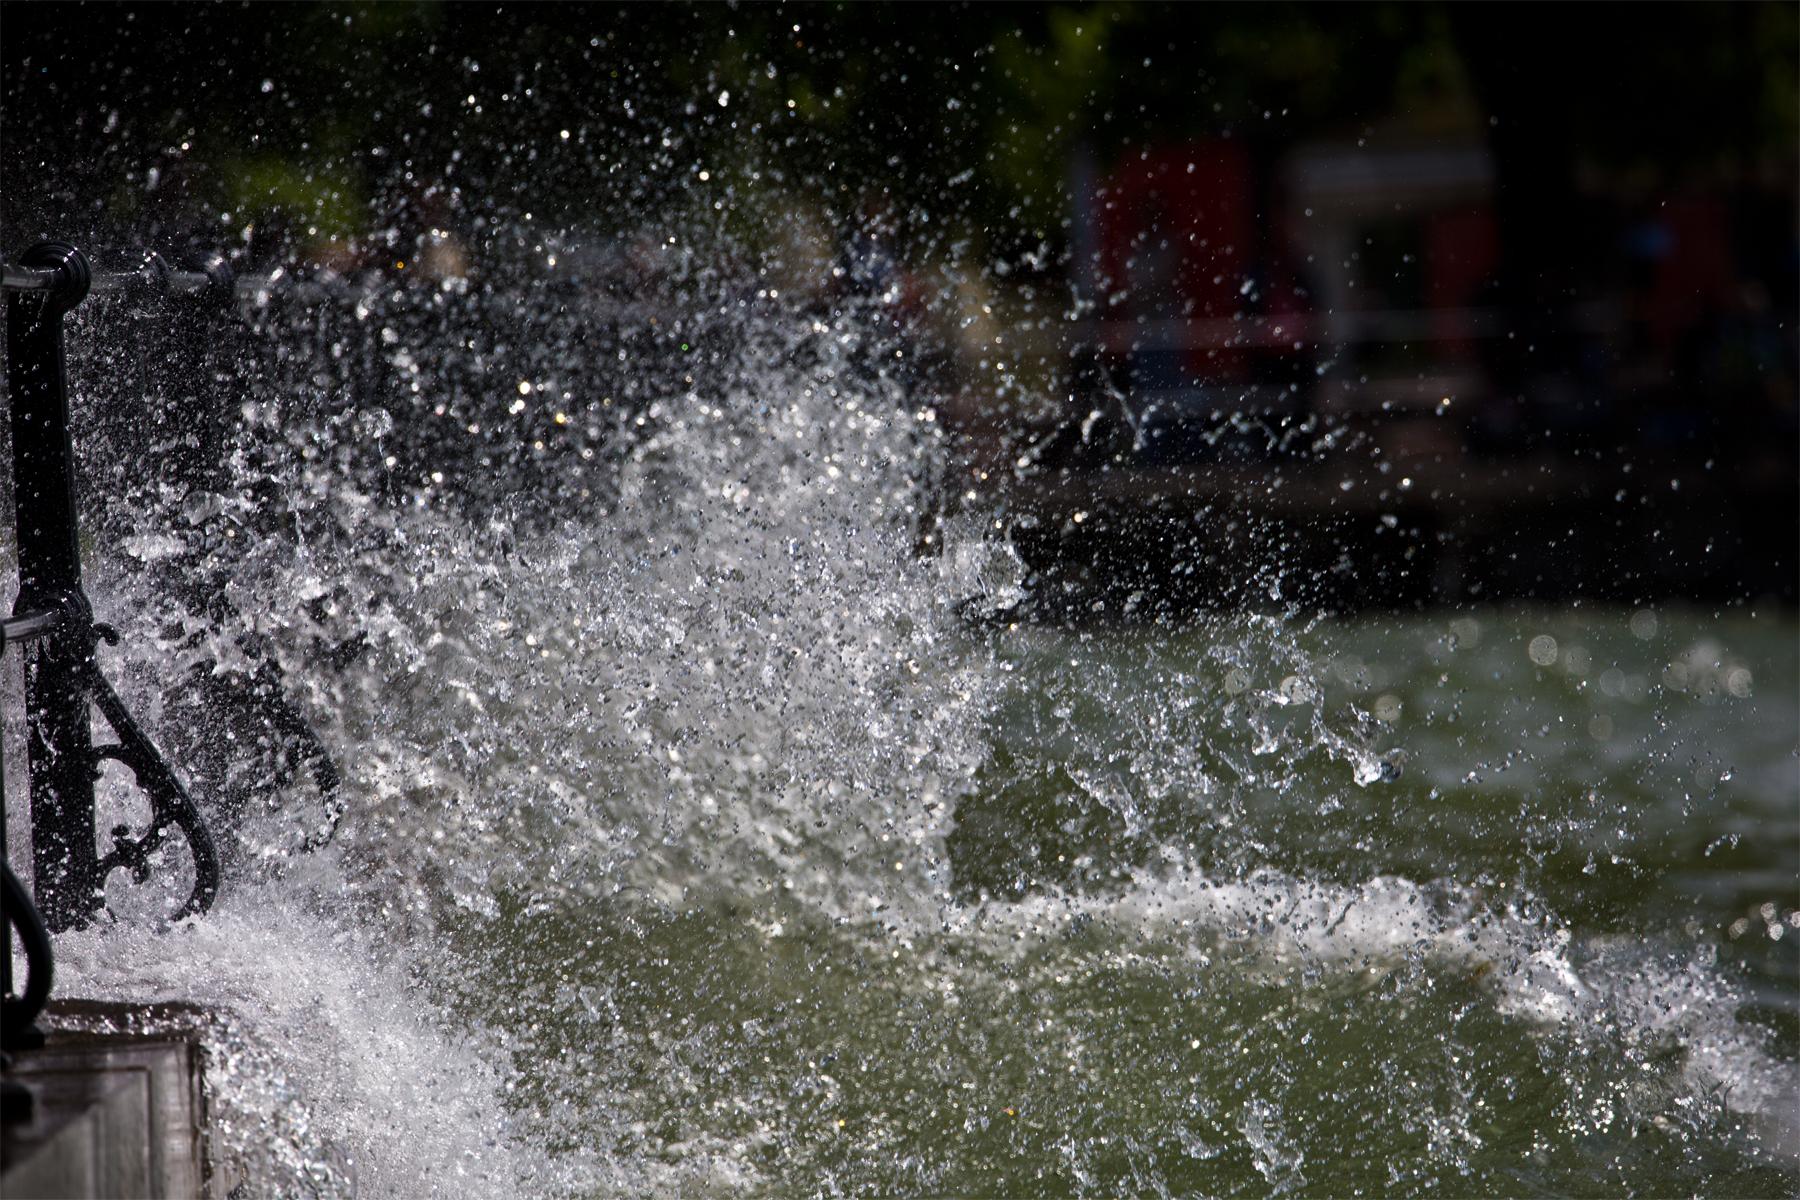 Bodensee-Gischt-Uferpromenade-Wasser-Lake-Constance-Hochwasser